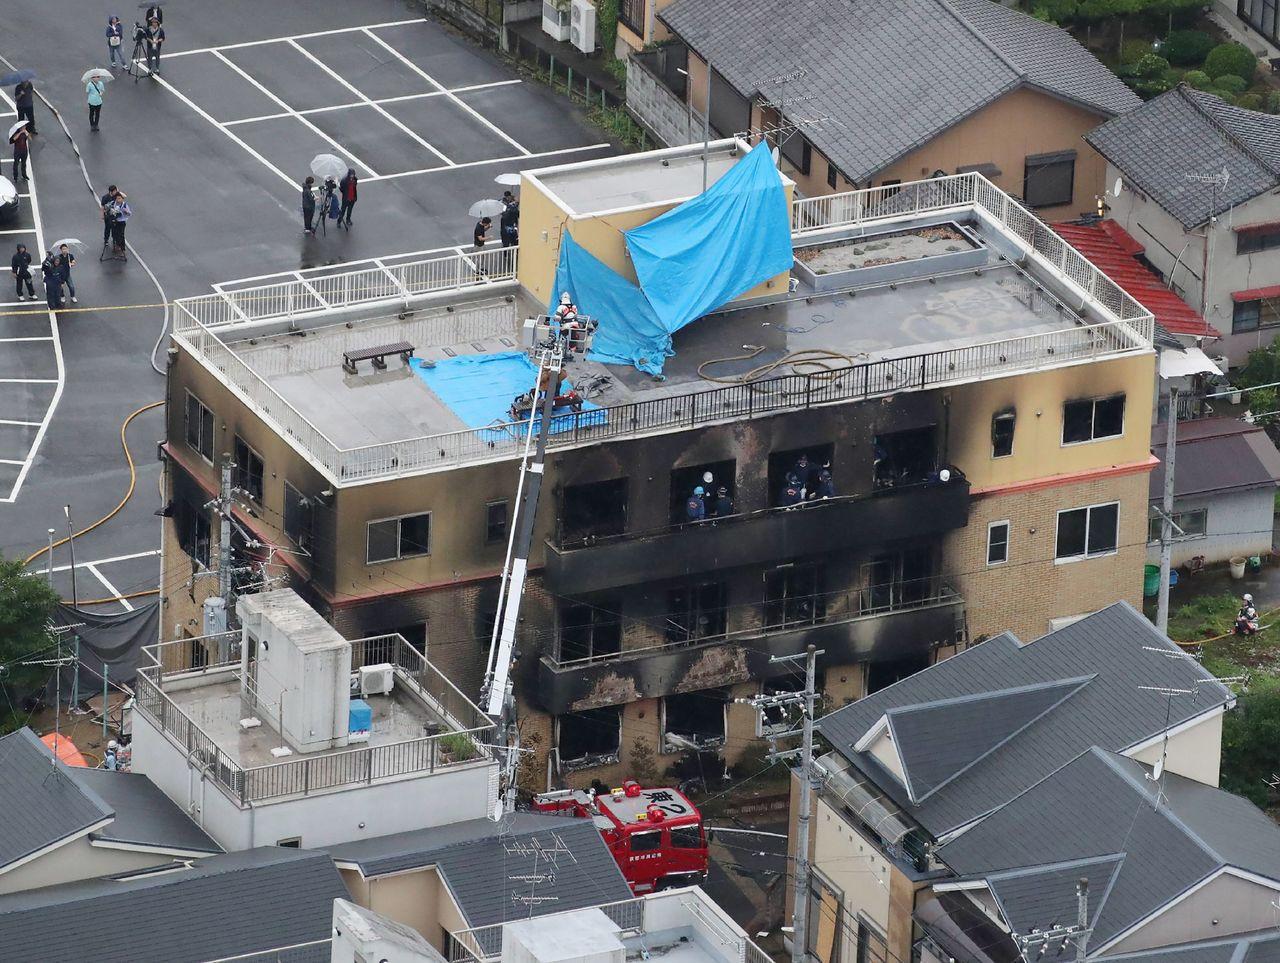 日本知名動畫製作公司「京都動畫」遭人縱火,「京都動畫」的社長表示,過去曾收過殺人...